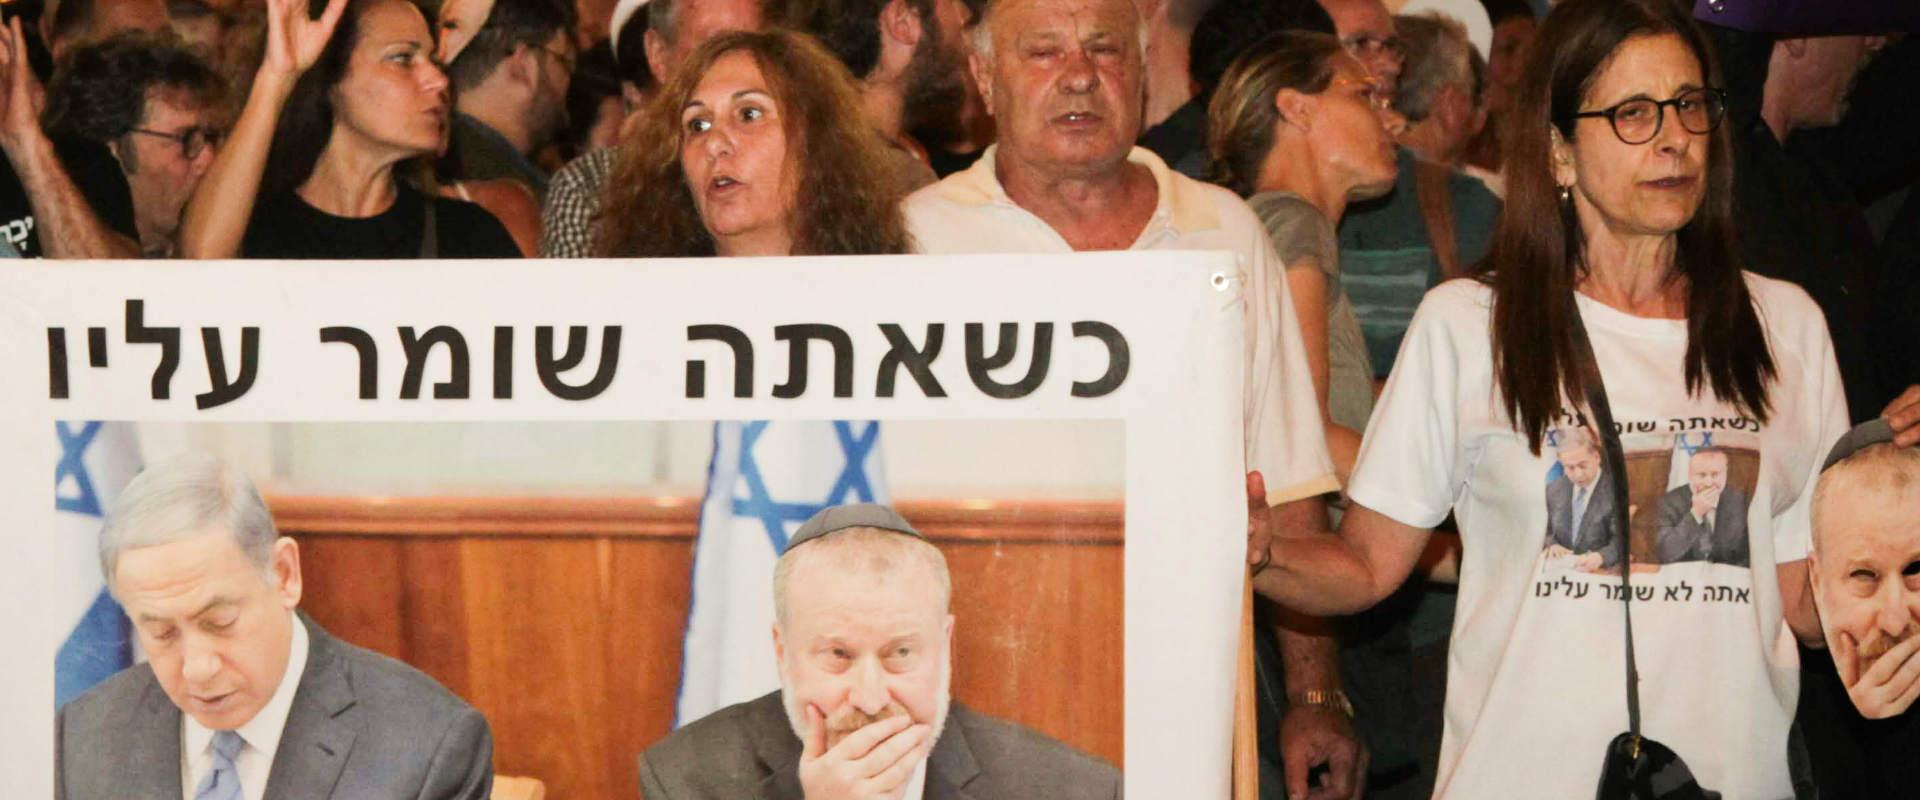 """מפגינים בקרבת ביתו של היועמ""""ש בפתח תקווה"""